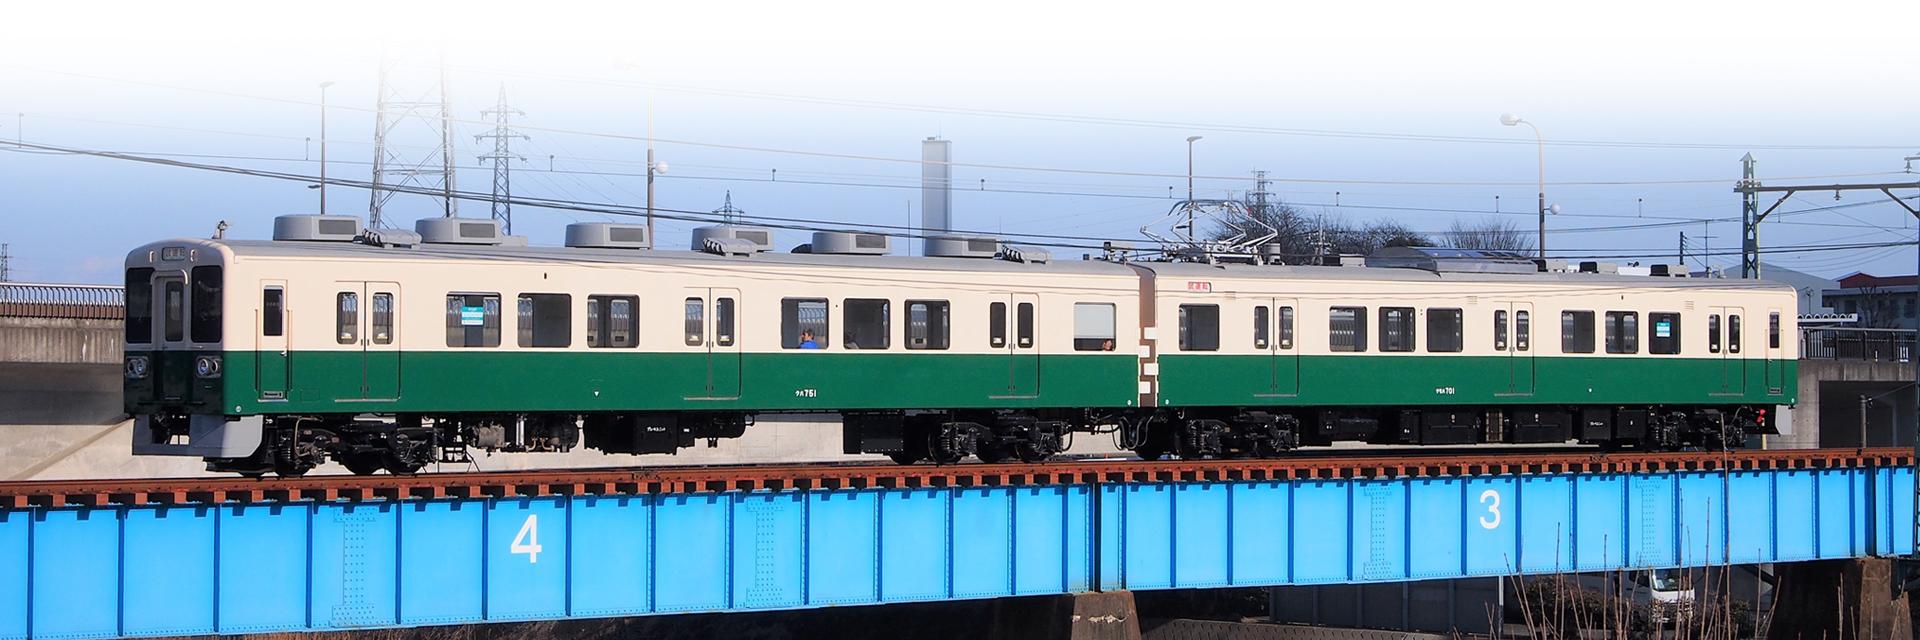 上州鉄道3むすめ記念乗車券セット